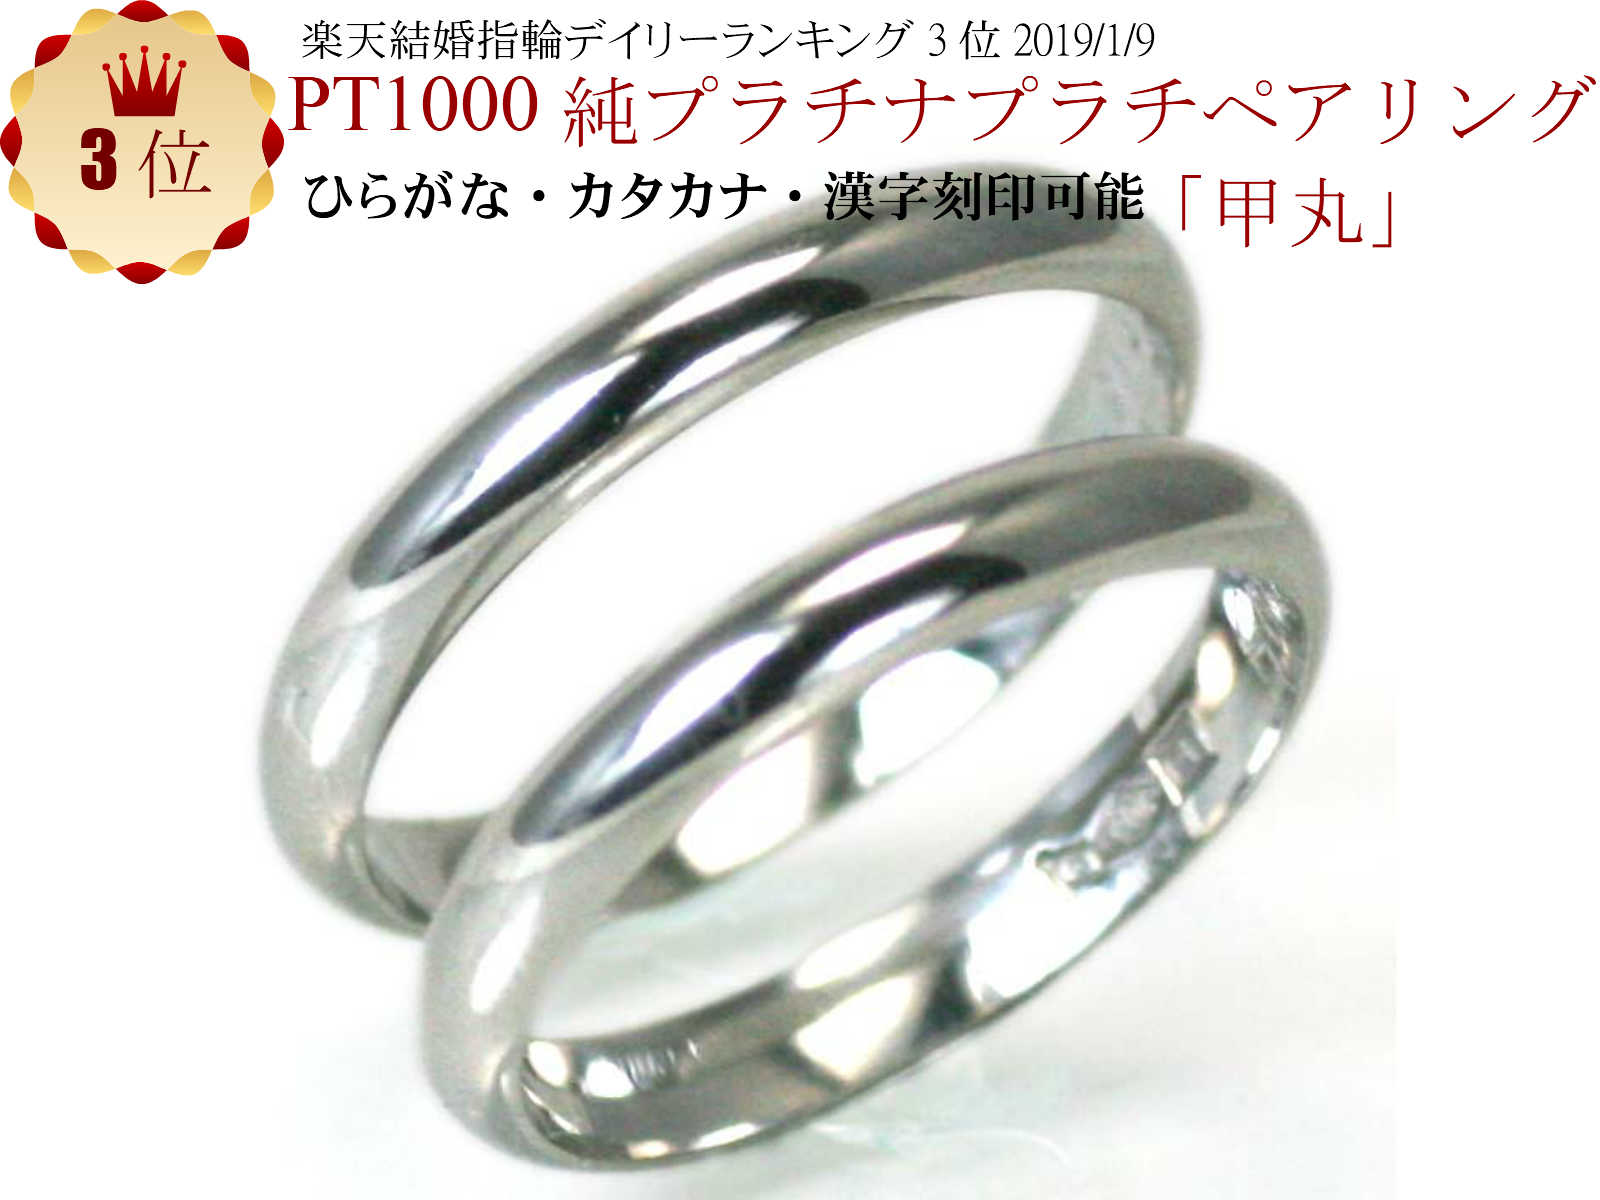 結婚指輪 マリッジリング 純プラチナ 甲丸 pt1000 (pt999) プラチナ ペアリング 2本セット 財務省造幣局検定マーク ホールマーク 入り プラチナリング 【はこぽす対応商品】 02P03Dec16 【ホワイトデー】